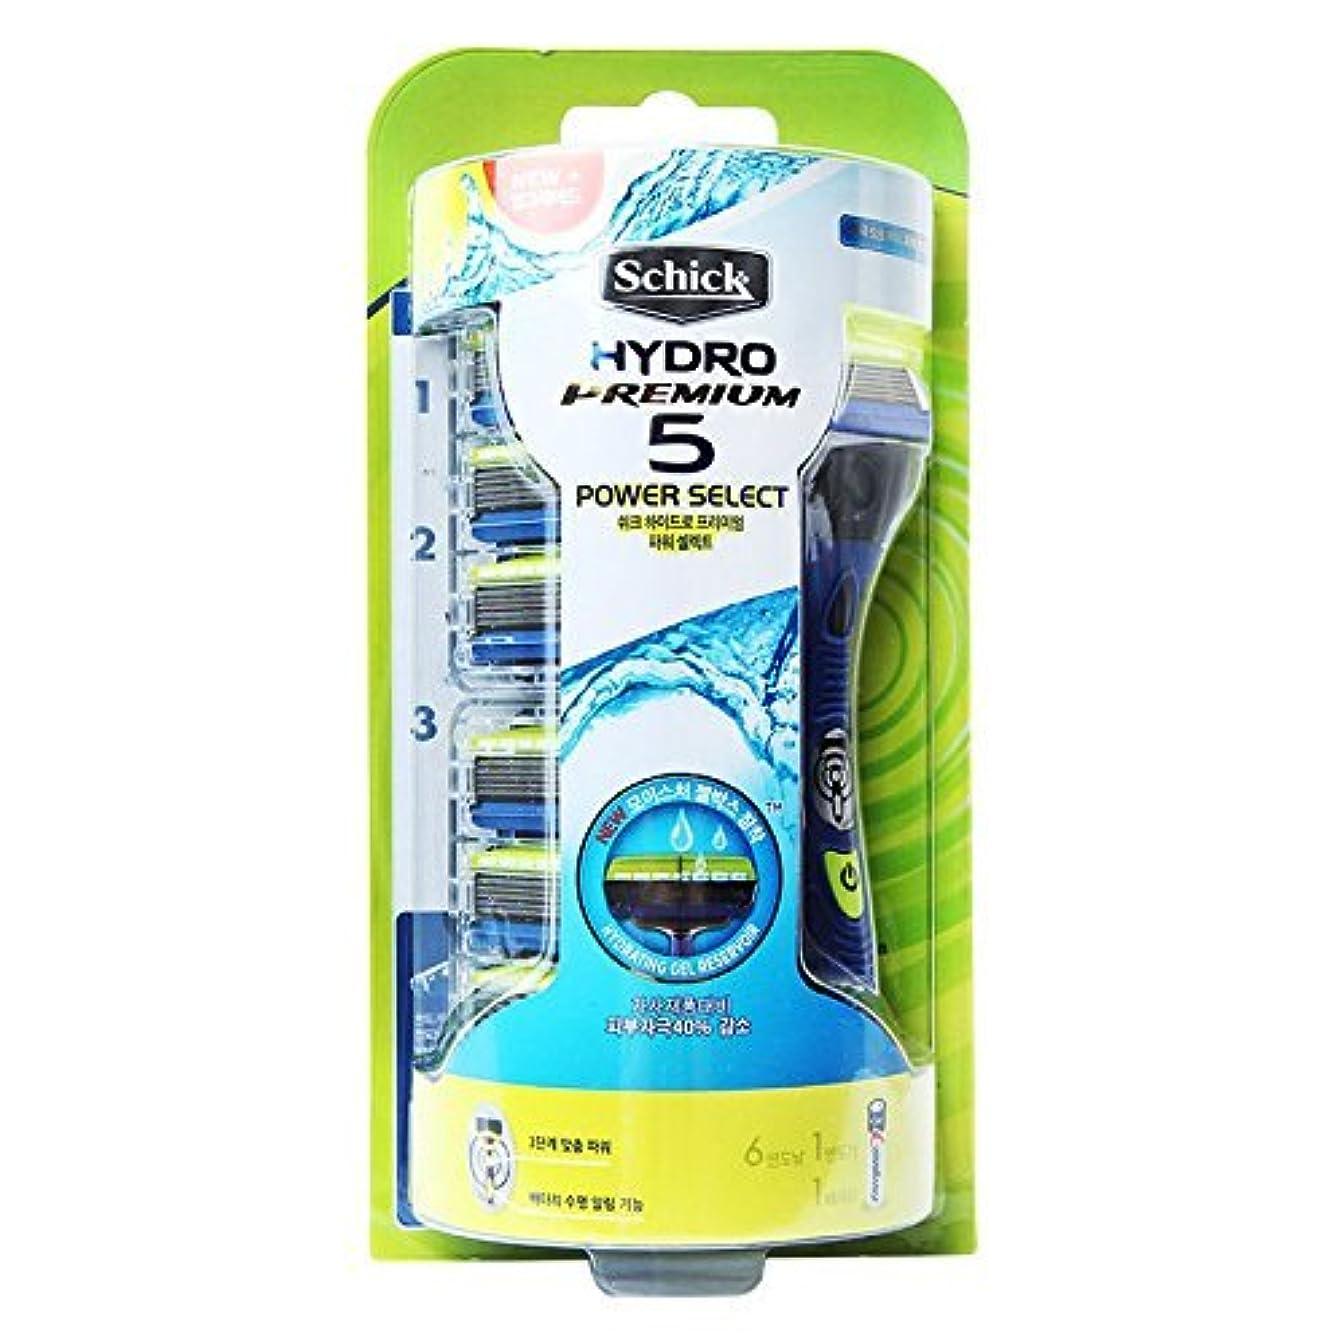 いま遠征講堂Schick HYDRO 5 Premium Power Select Razor / カミソリの刃6個が含ま [並行輸入品]